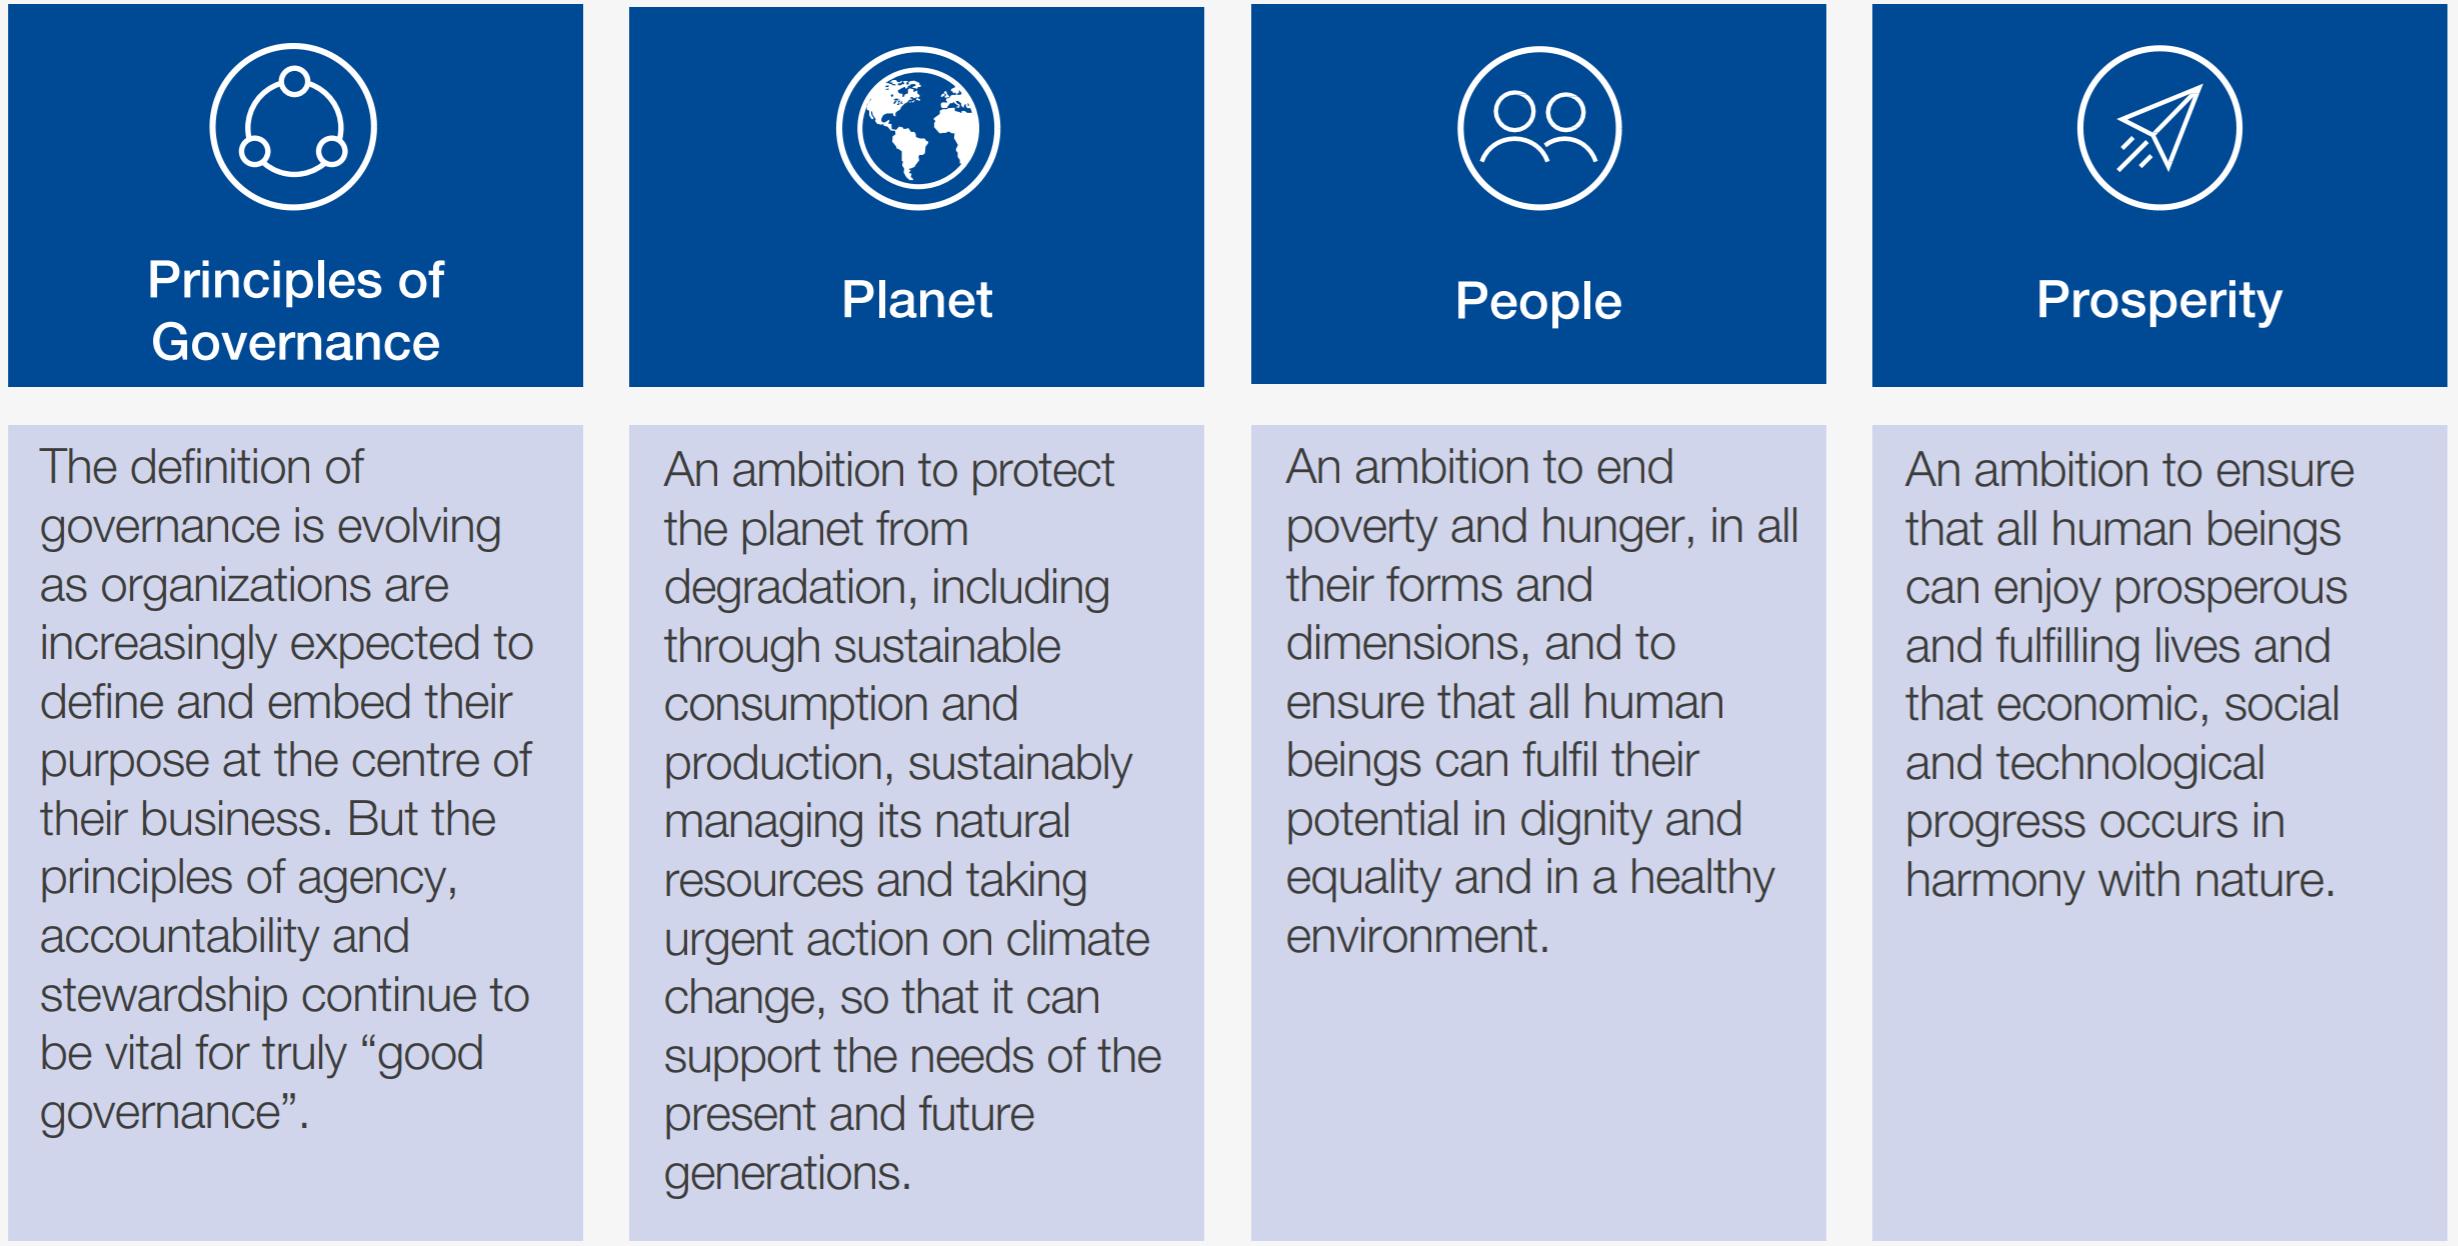 지표는 SDGs의 필수 요소와 일치하는 거버넌스 원칙, 지구, 사람 및 번영의 네 가지 기둥으로 구성되었습니다.